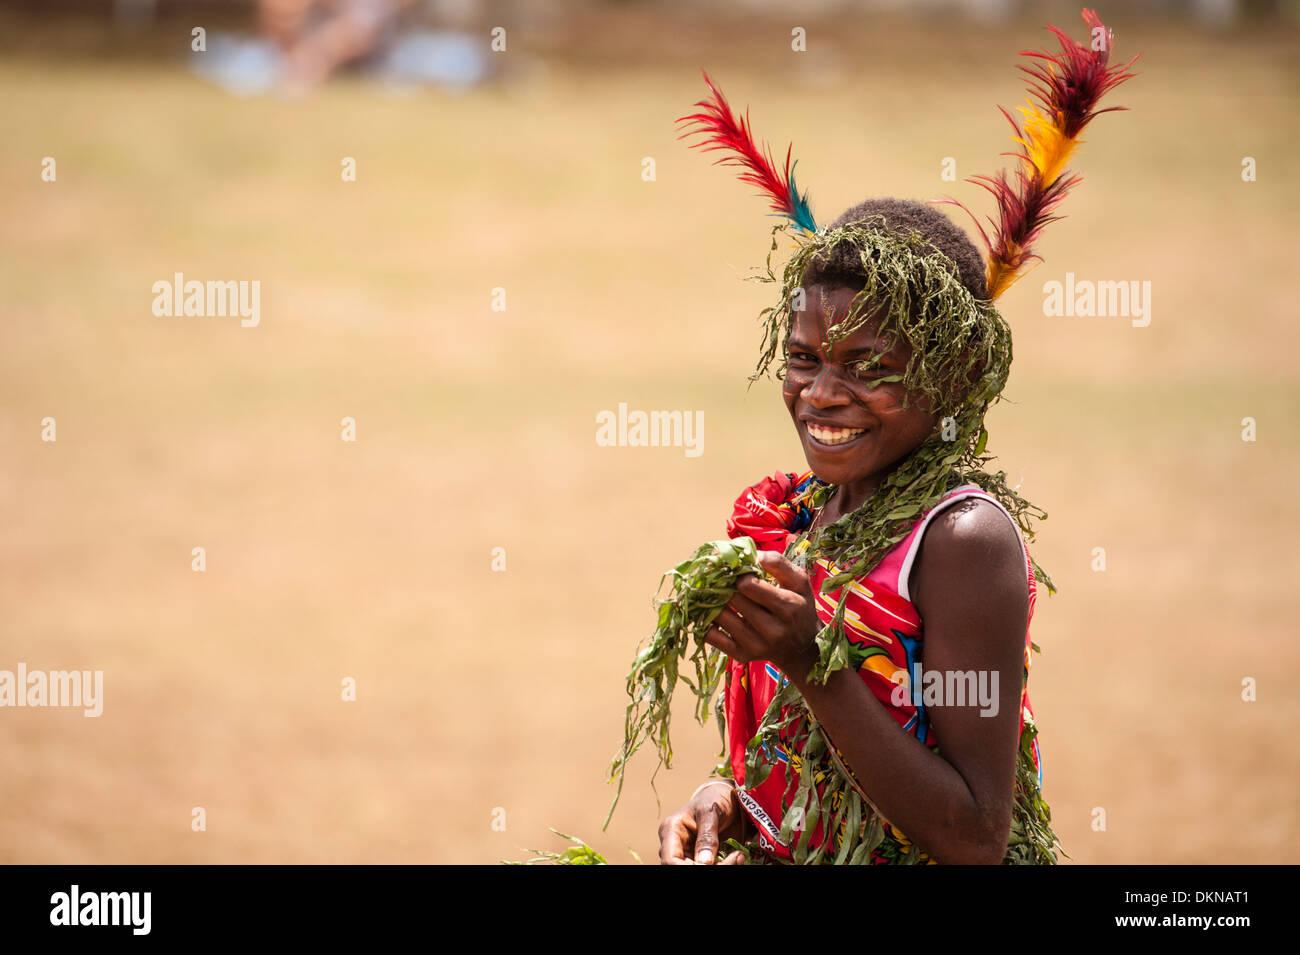 """Uno de los ejecutantes de Tanna tomando parte en el Festival"""", una celebración de Sawagoro kastom, cultura tradicional en Vanuatu. Imagen De Stock"""